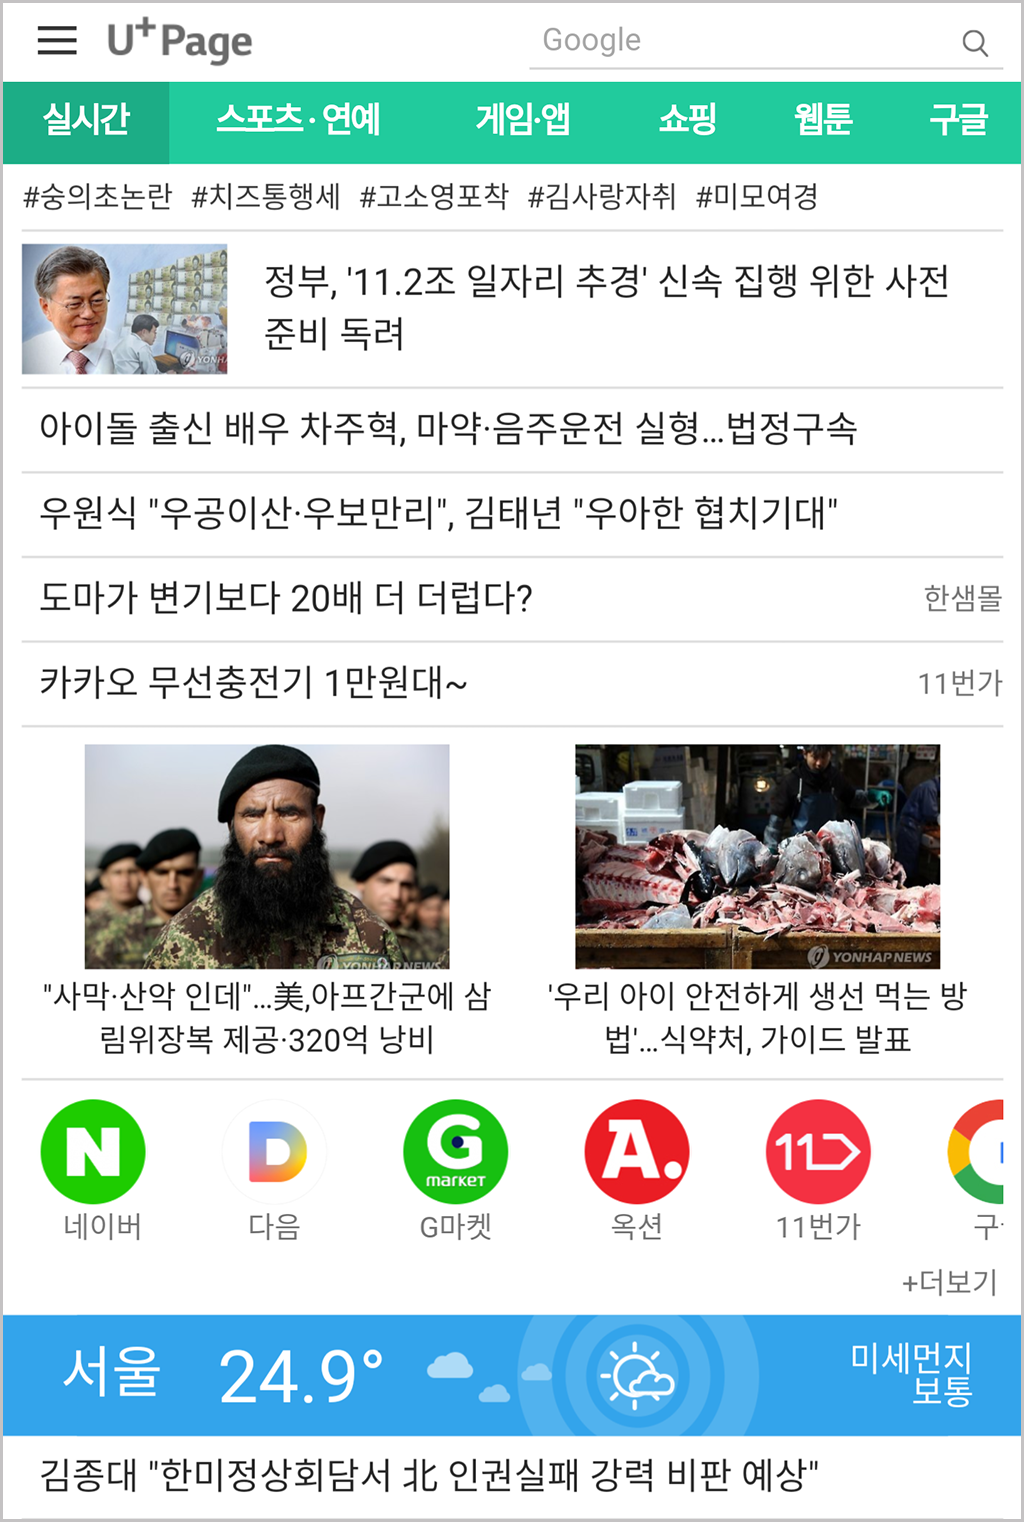 U+ Page 실시간 뉴스